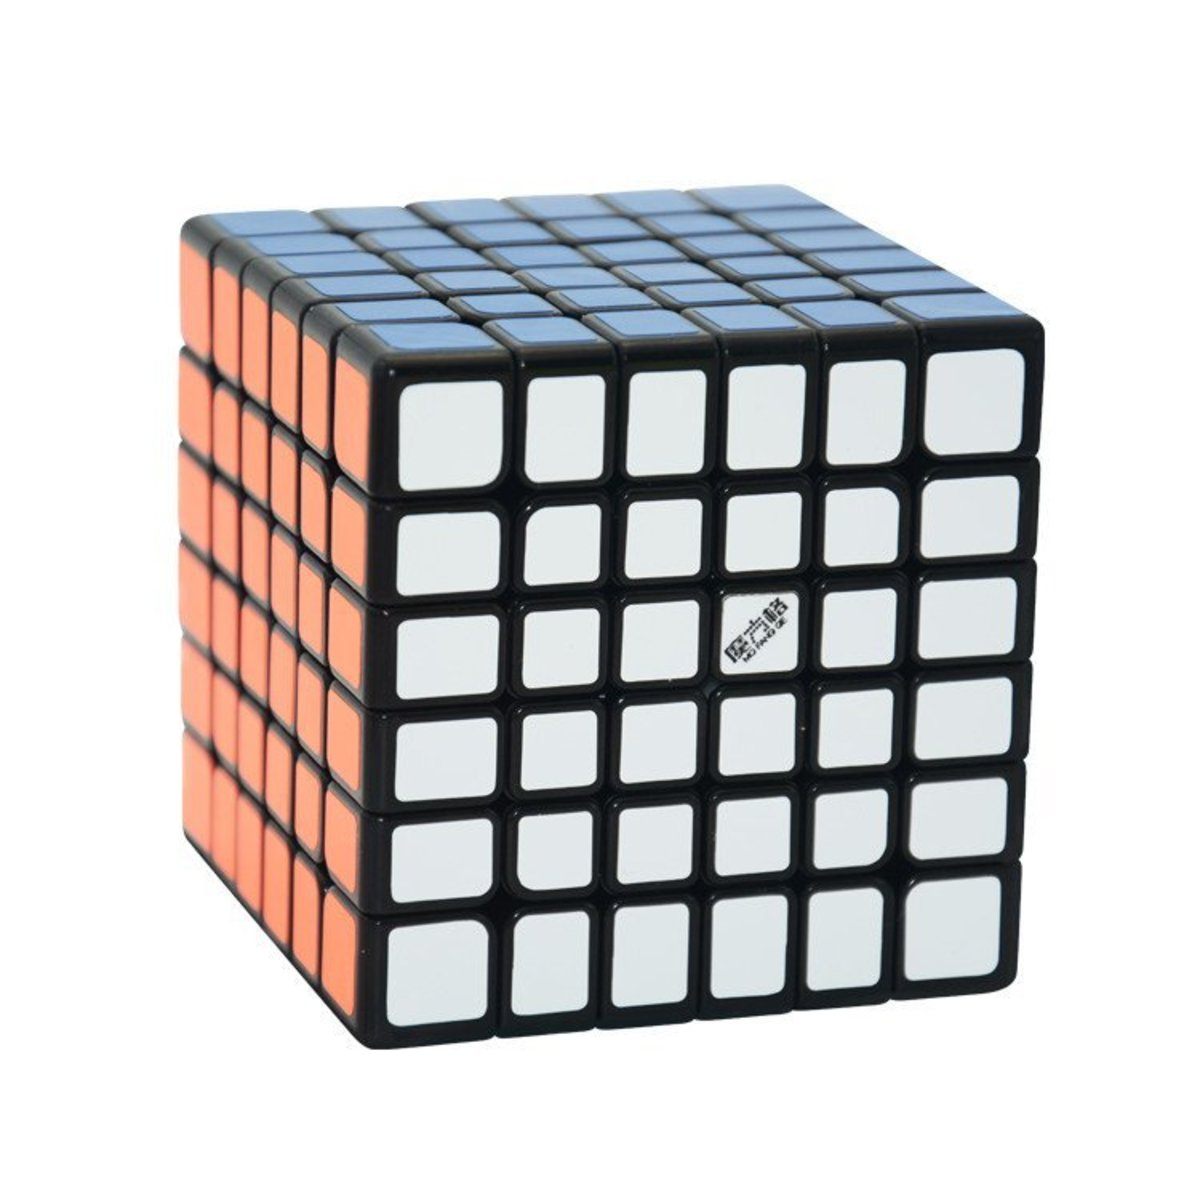 6x6x6 WuHua Qiyi